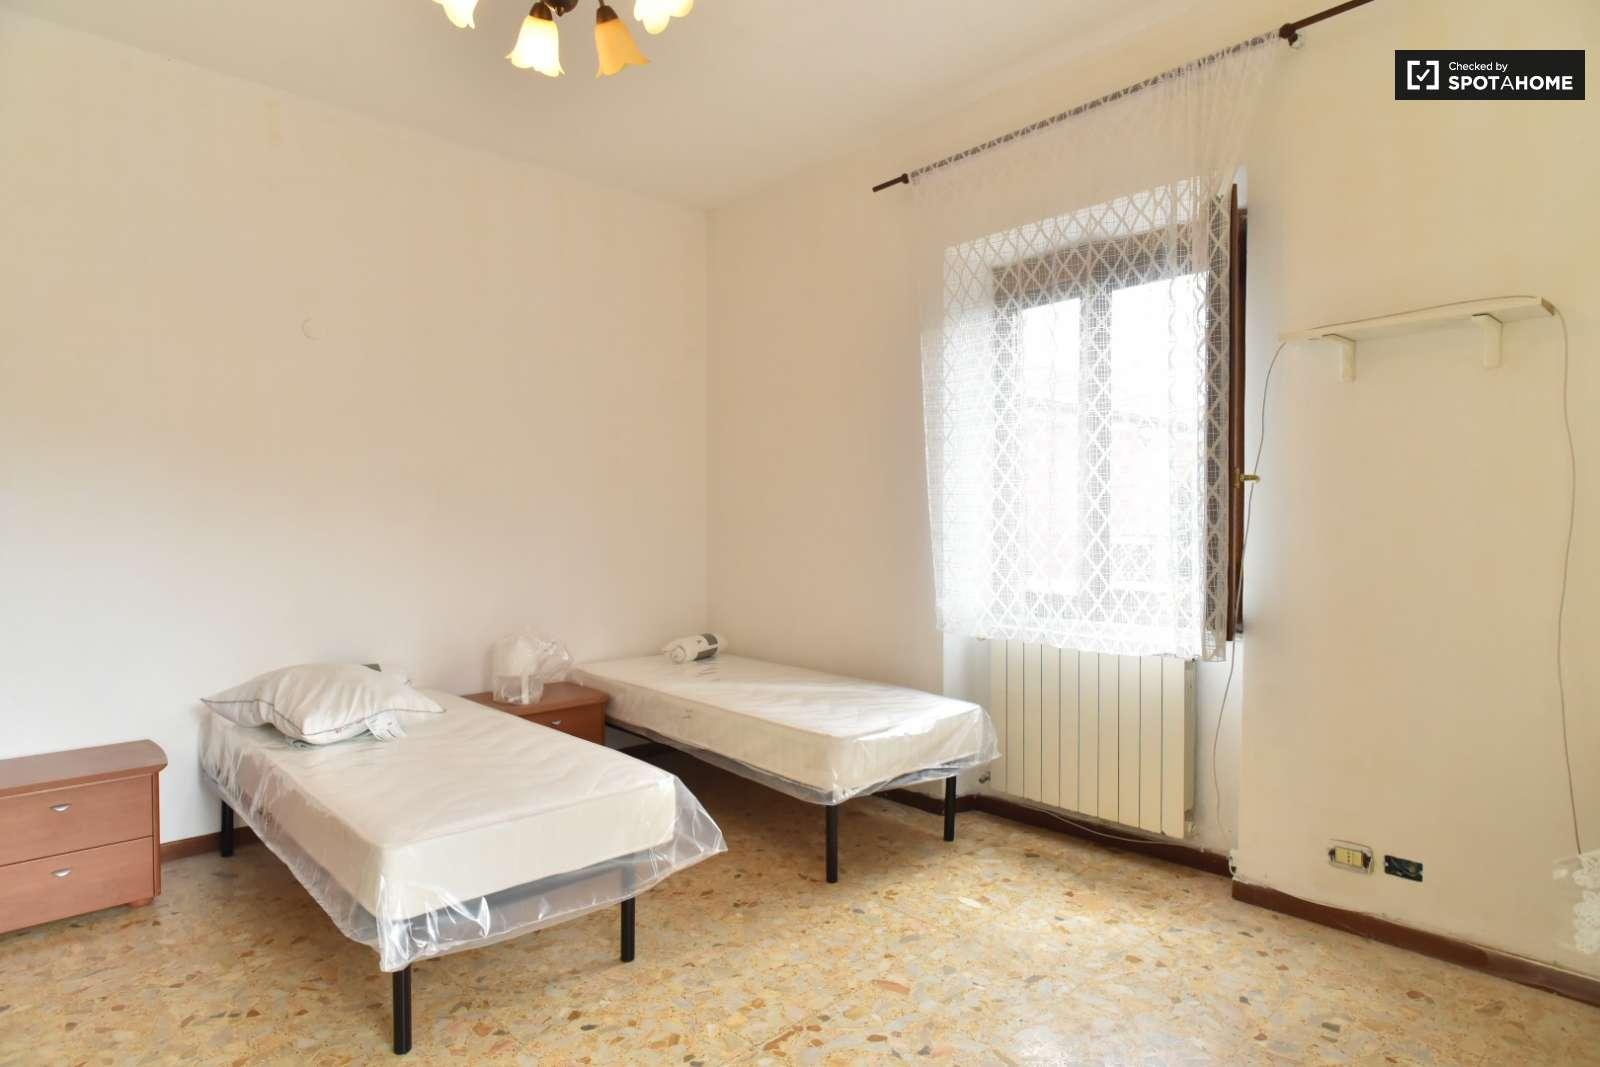 Stanza in affitto in appartamento con 3 camere da letto a morena roma ref 155644 spotahome - Affitto appartamento bologna 3 camere da letto ...